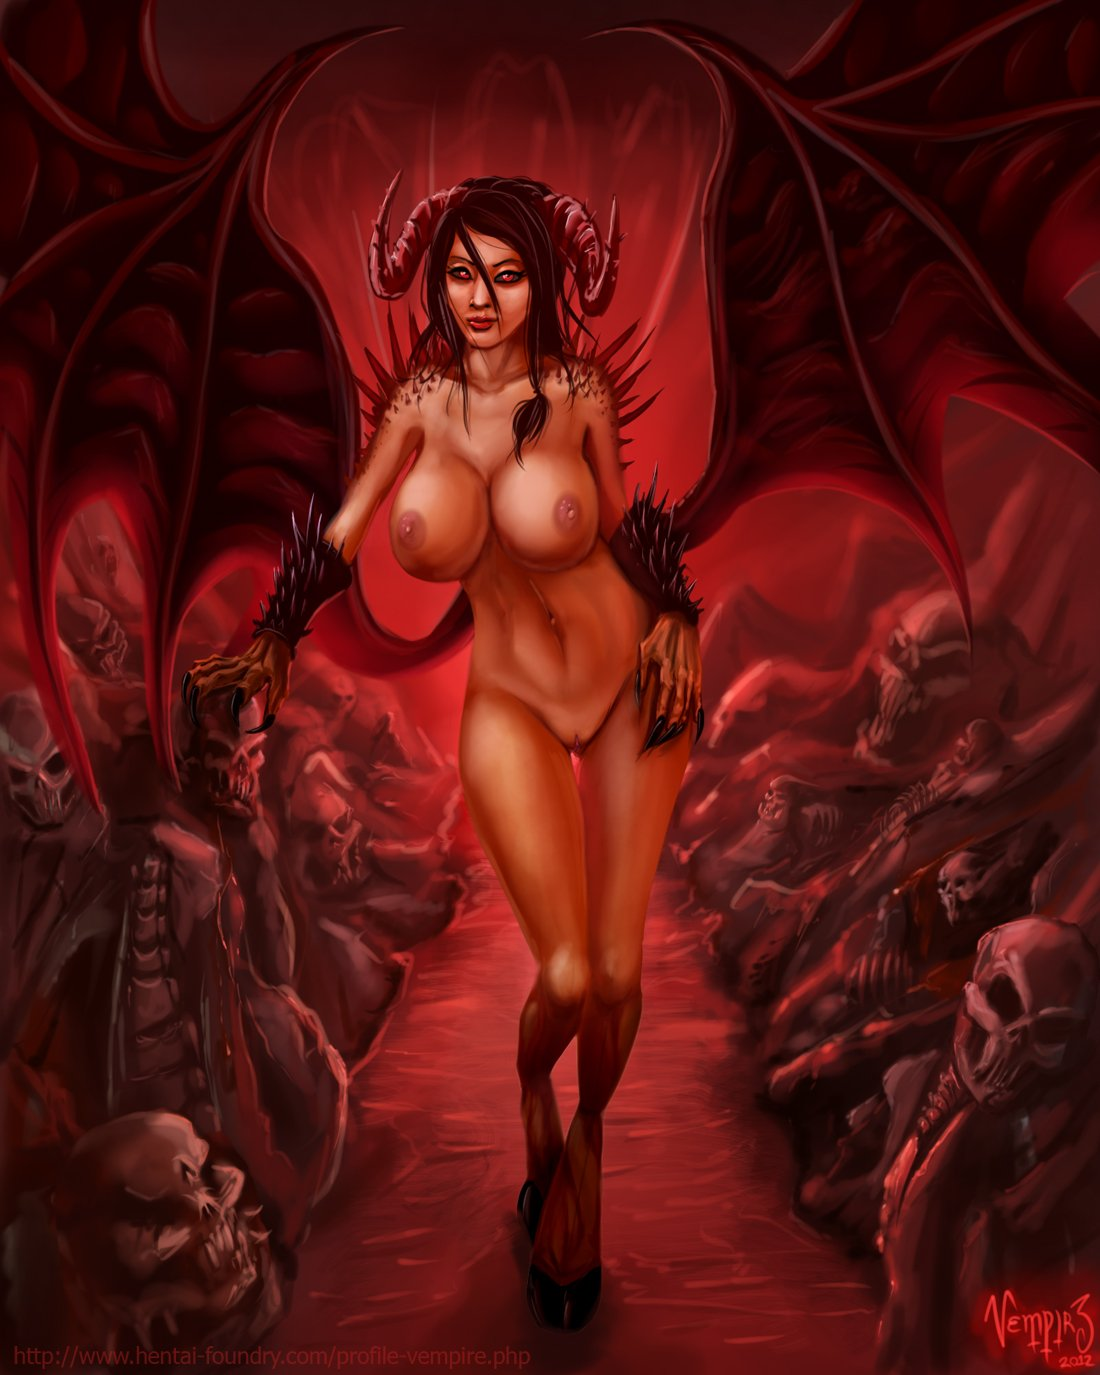 Sexy female devil nude